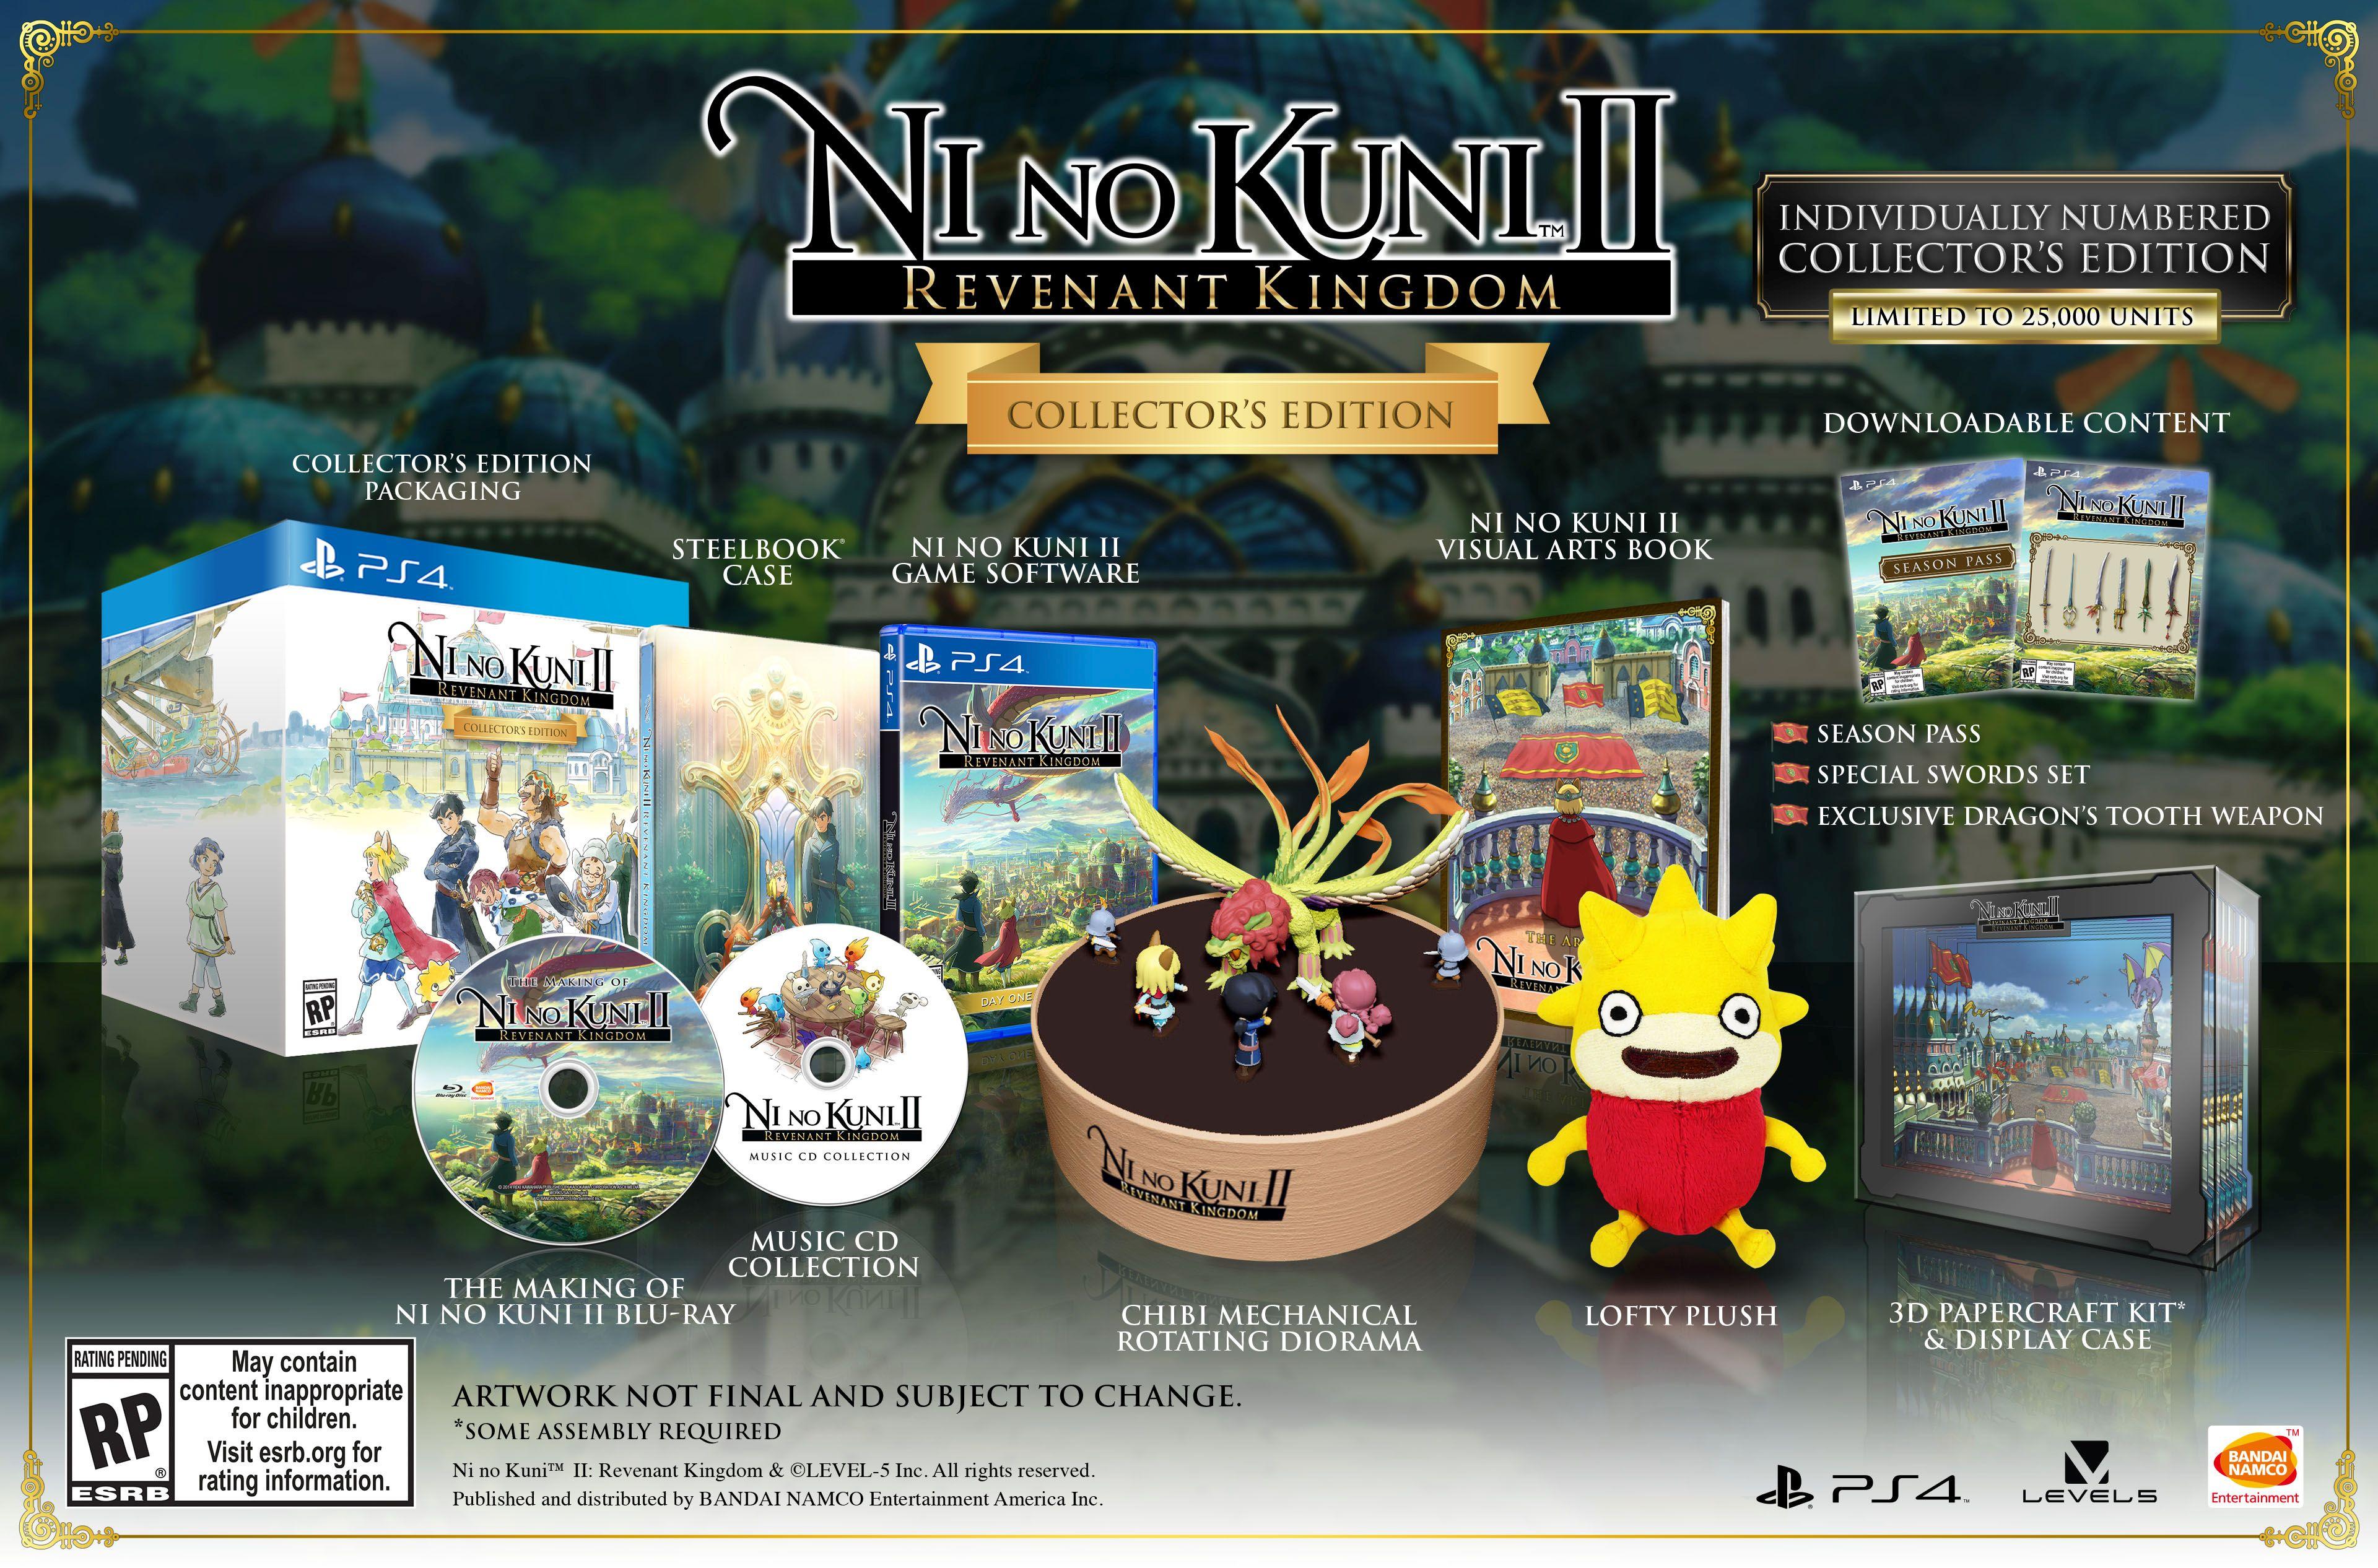 ni no kuni 2 collector's edition